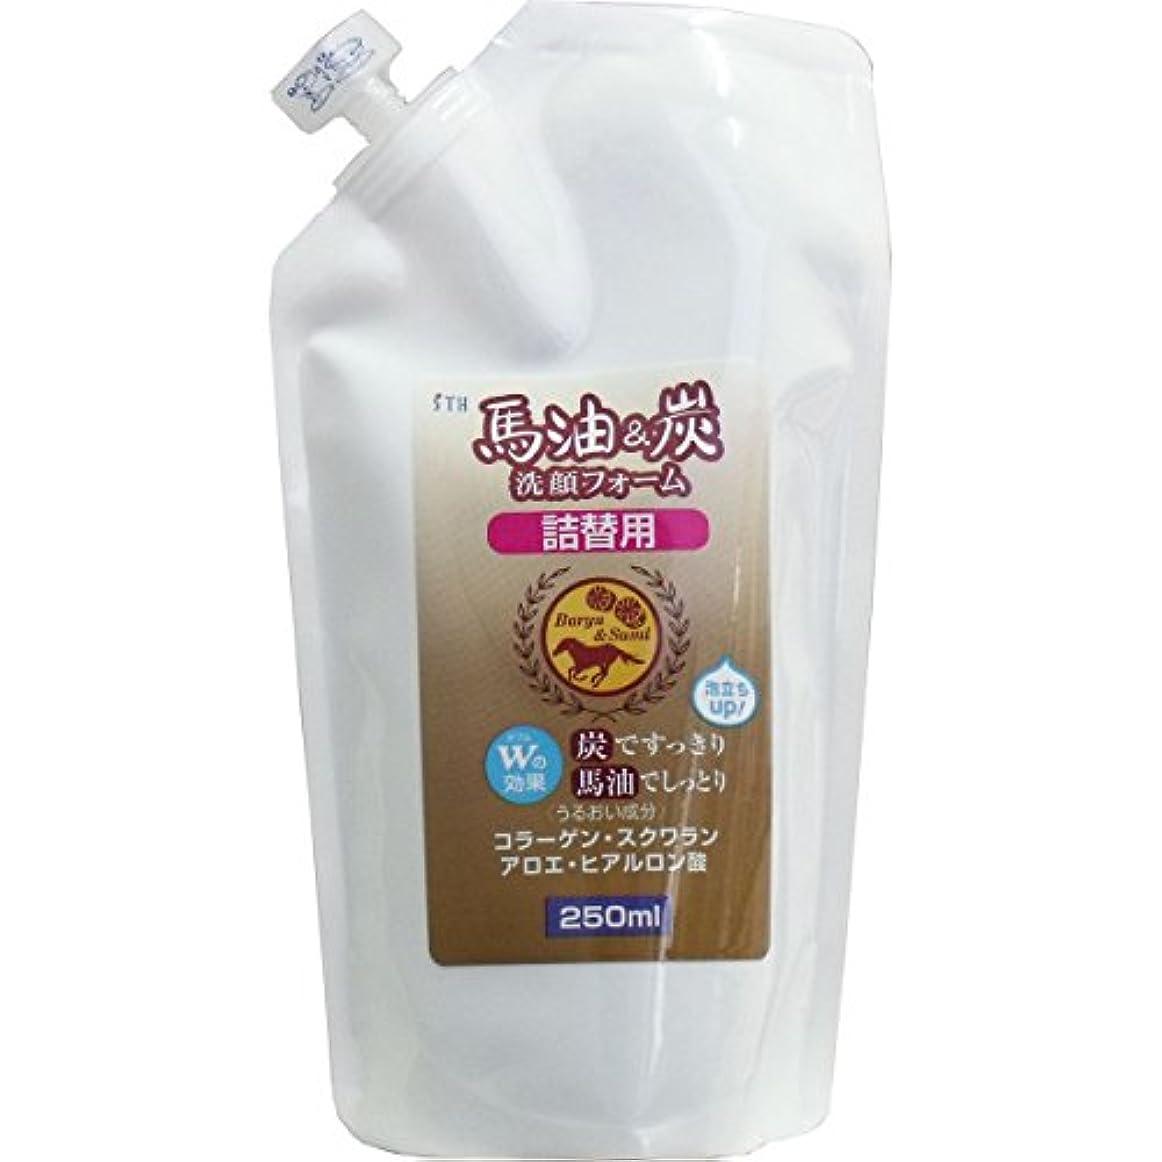 不規則性混乱したピンク馬油&炭洗顔フォーム【詰替用250ml】×2袋